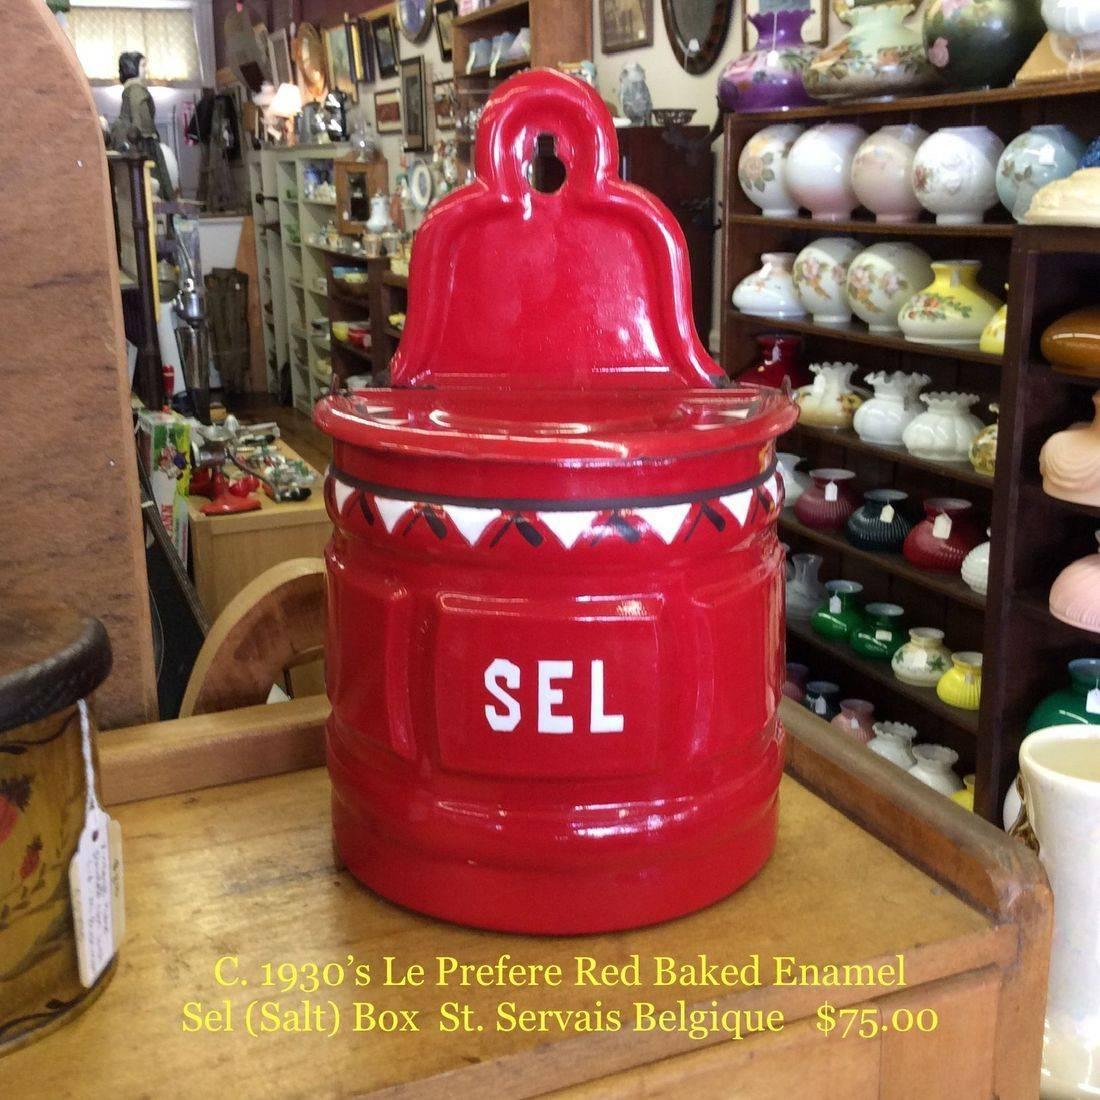 C. 1930's Le Prefere Red Baked Enamel Sel (Salt) Box, St. Servais Belgique   $75.00